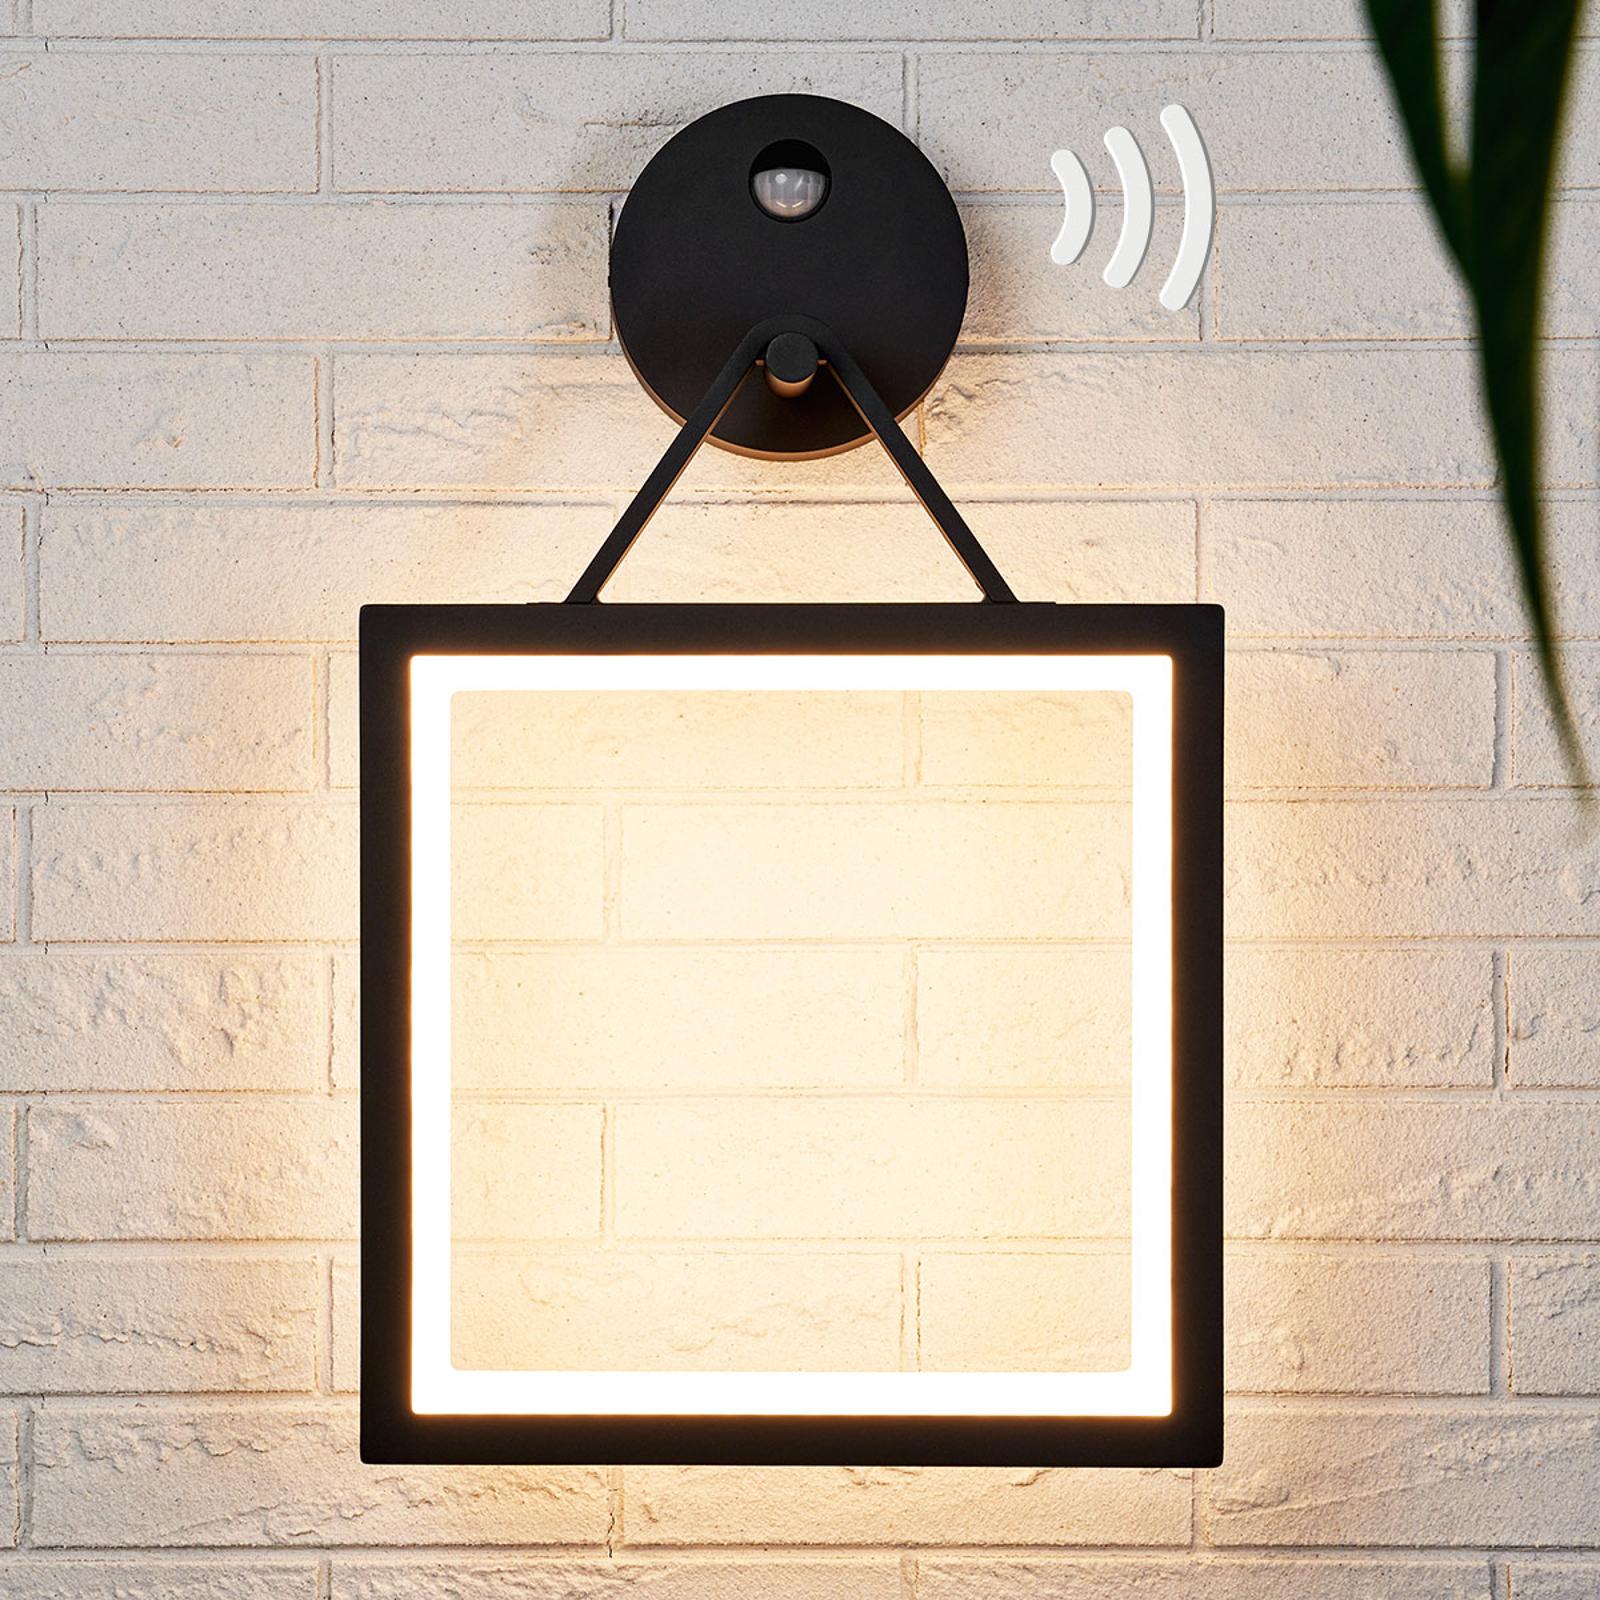 Firkantet LED-vegglampe Mirco med bevegelsessensor